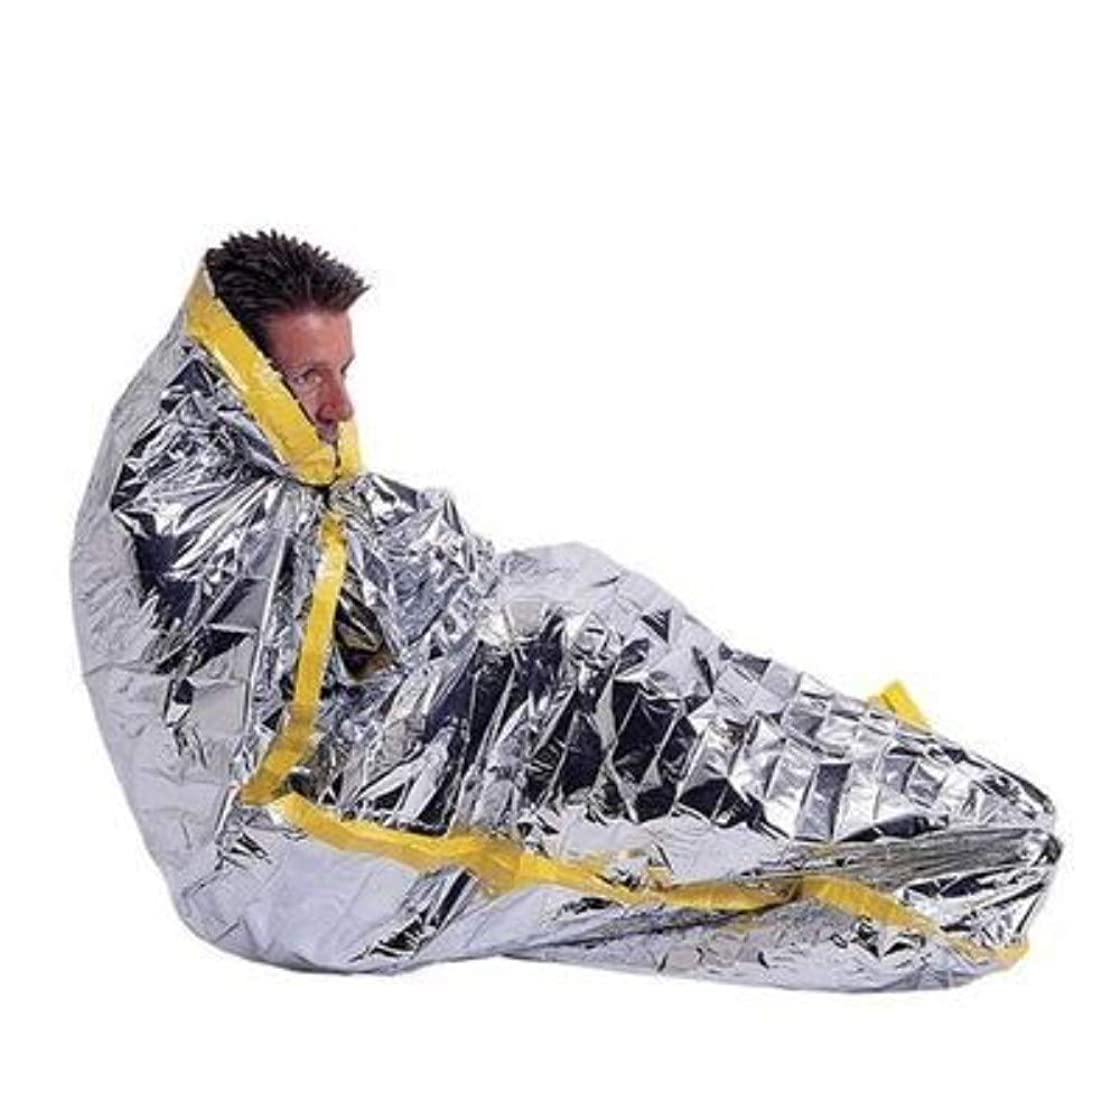 ペフぺディカブテレマコスYuuming 2個セット 緊急 寝袋タイプ アルミ保温シート サバイバルレスキュー 防寒 防災 断熱 震災 地震 津波 対策 緊急 非常用 200*100cm (寝袋-2枚)